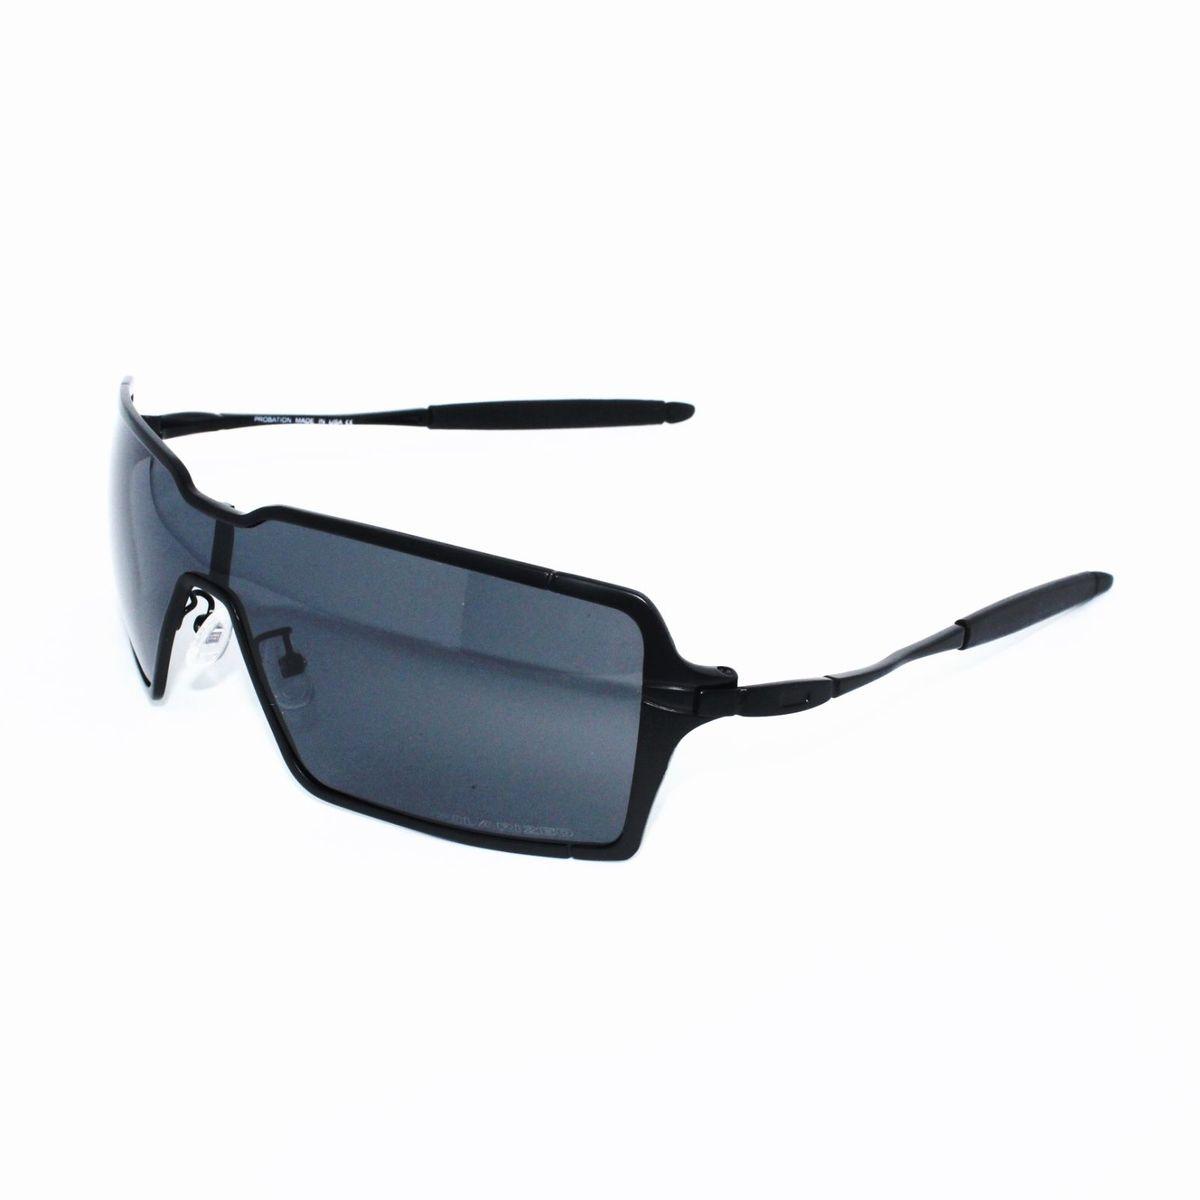 óculos oakley probation 100% polarizado promoção!!! - óculos oakley e5228e5ee1